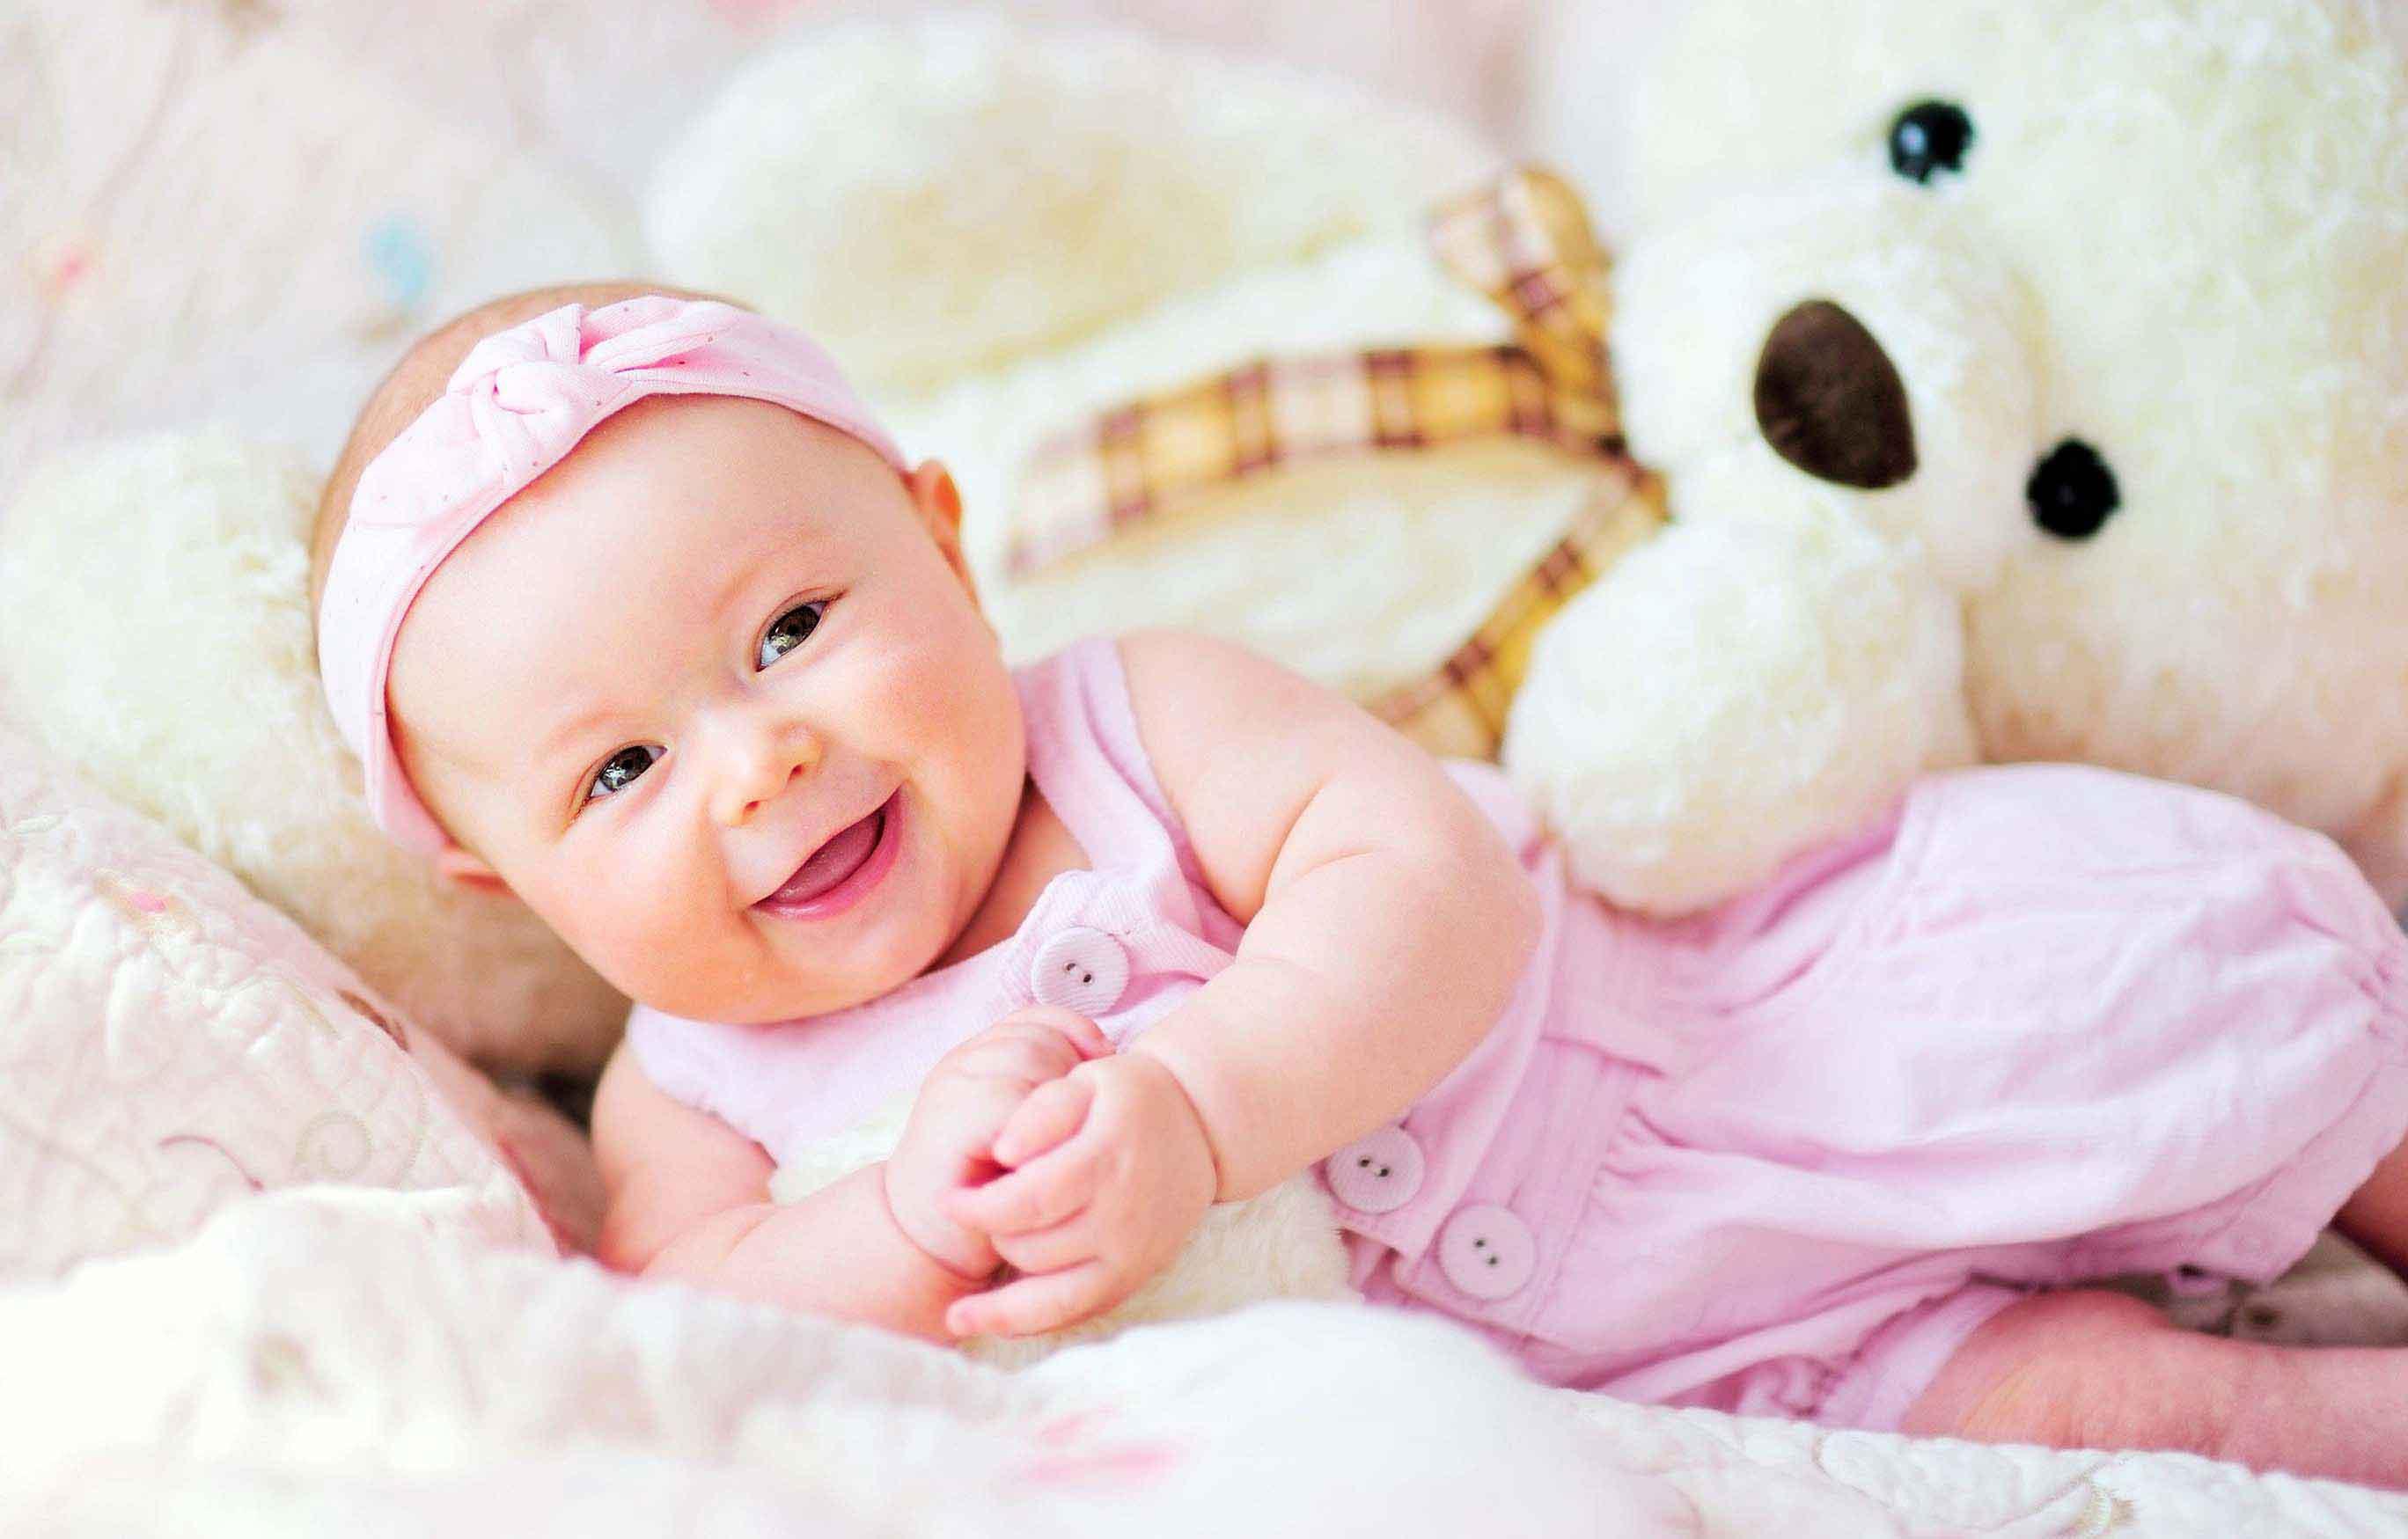 Rüyada 9 bebek görmek 10